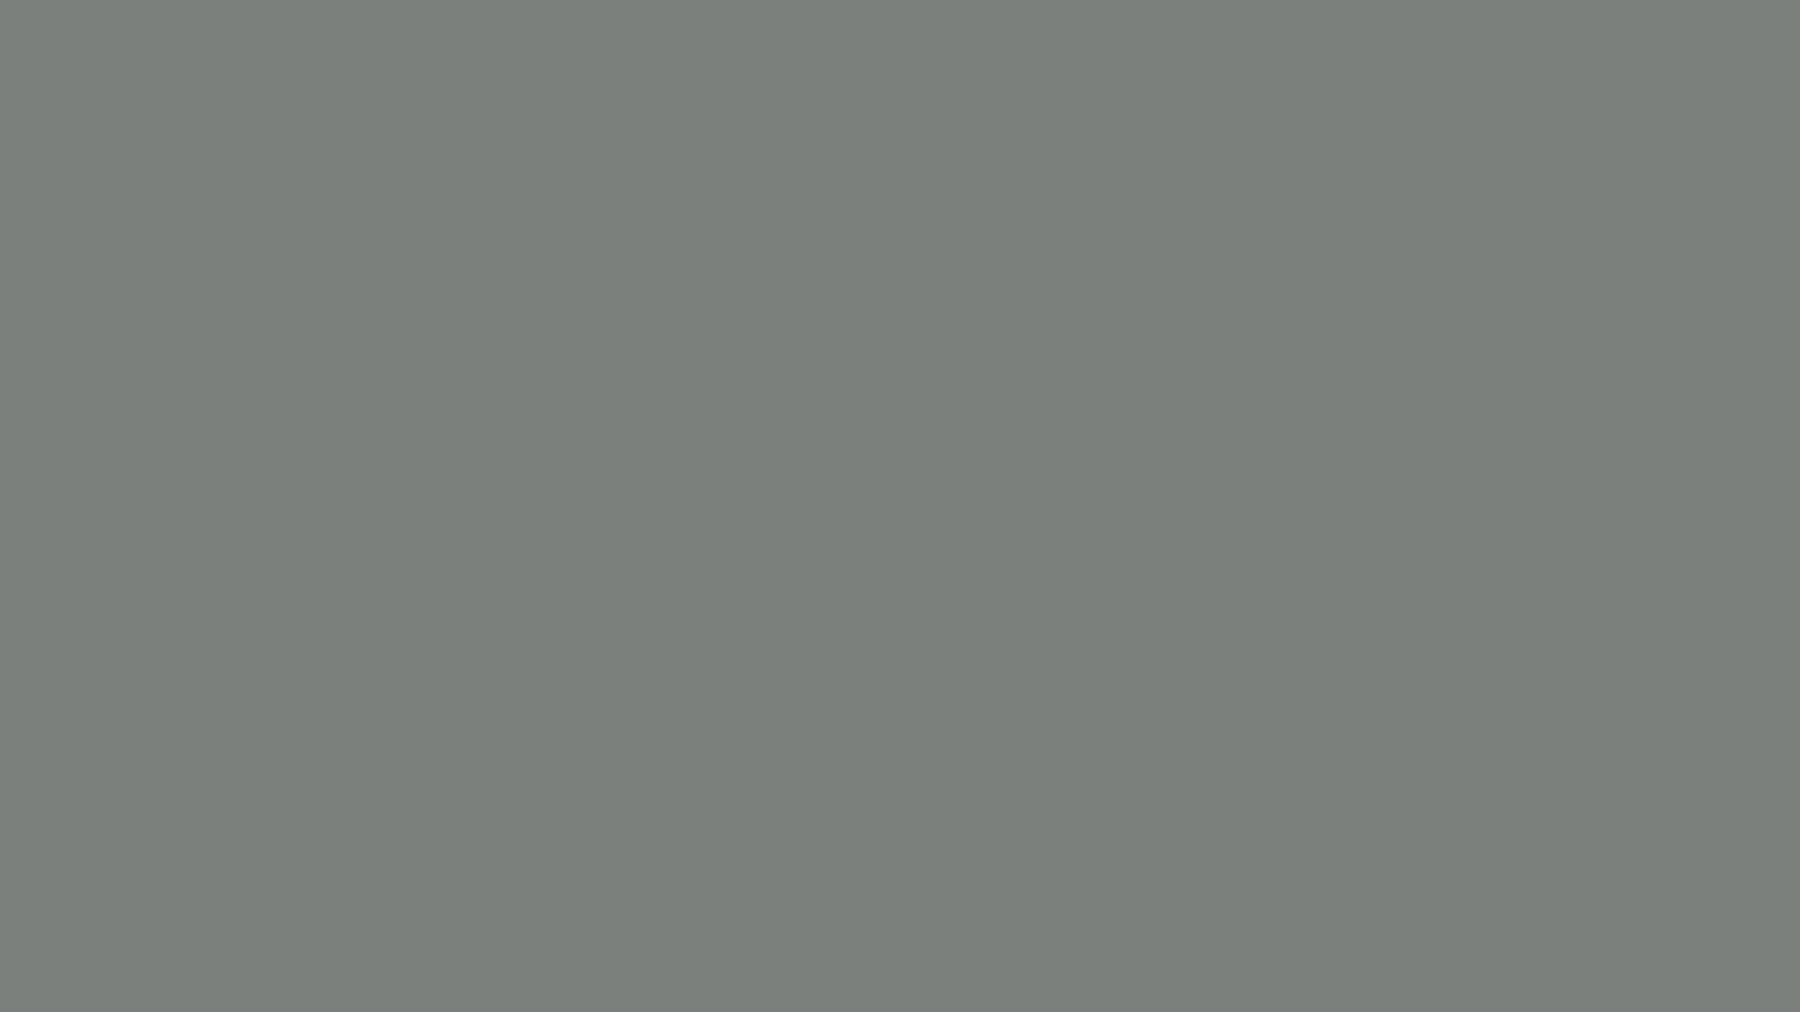 Pad Kra Pao aus dem Wok mit Heiligem Basilikum